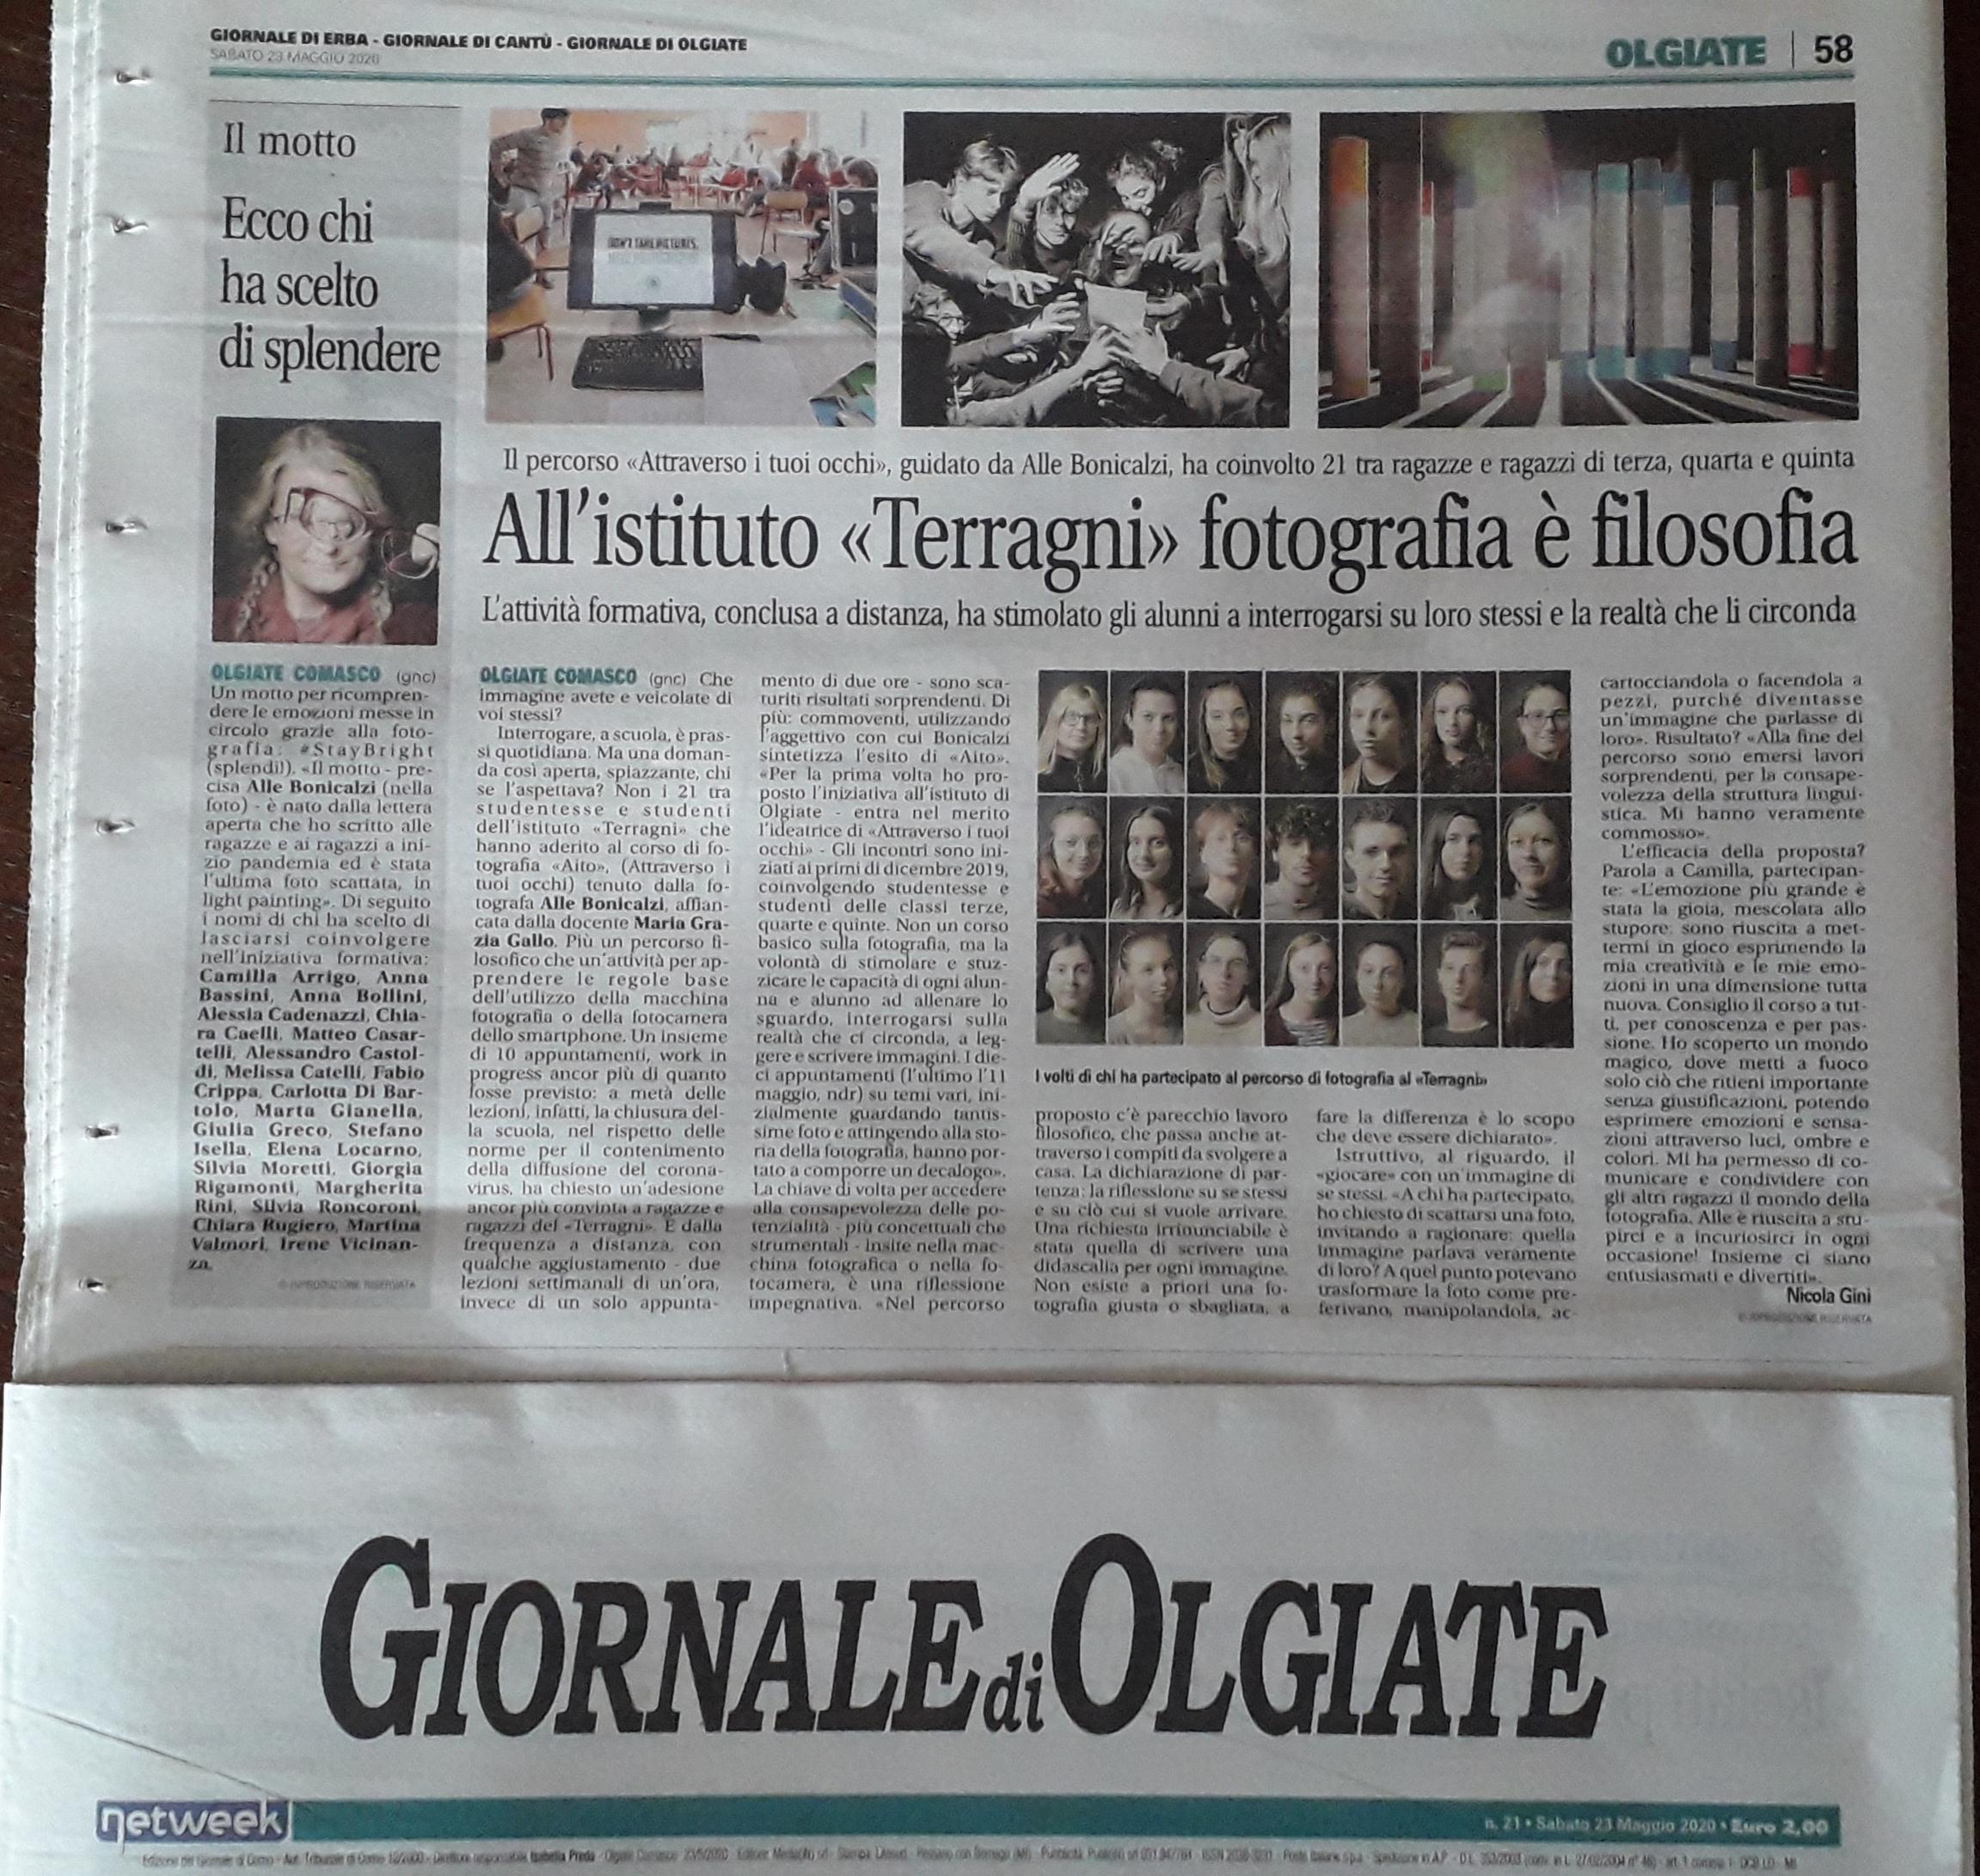 tornare a scuola, liceo Terragni, percorso fotografico, Il Giornale di Olgiate, Nicola Gini,